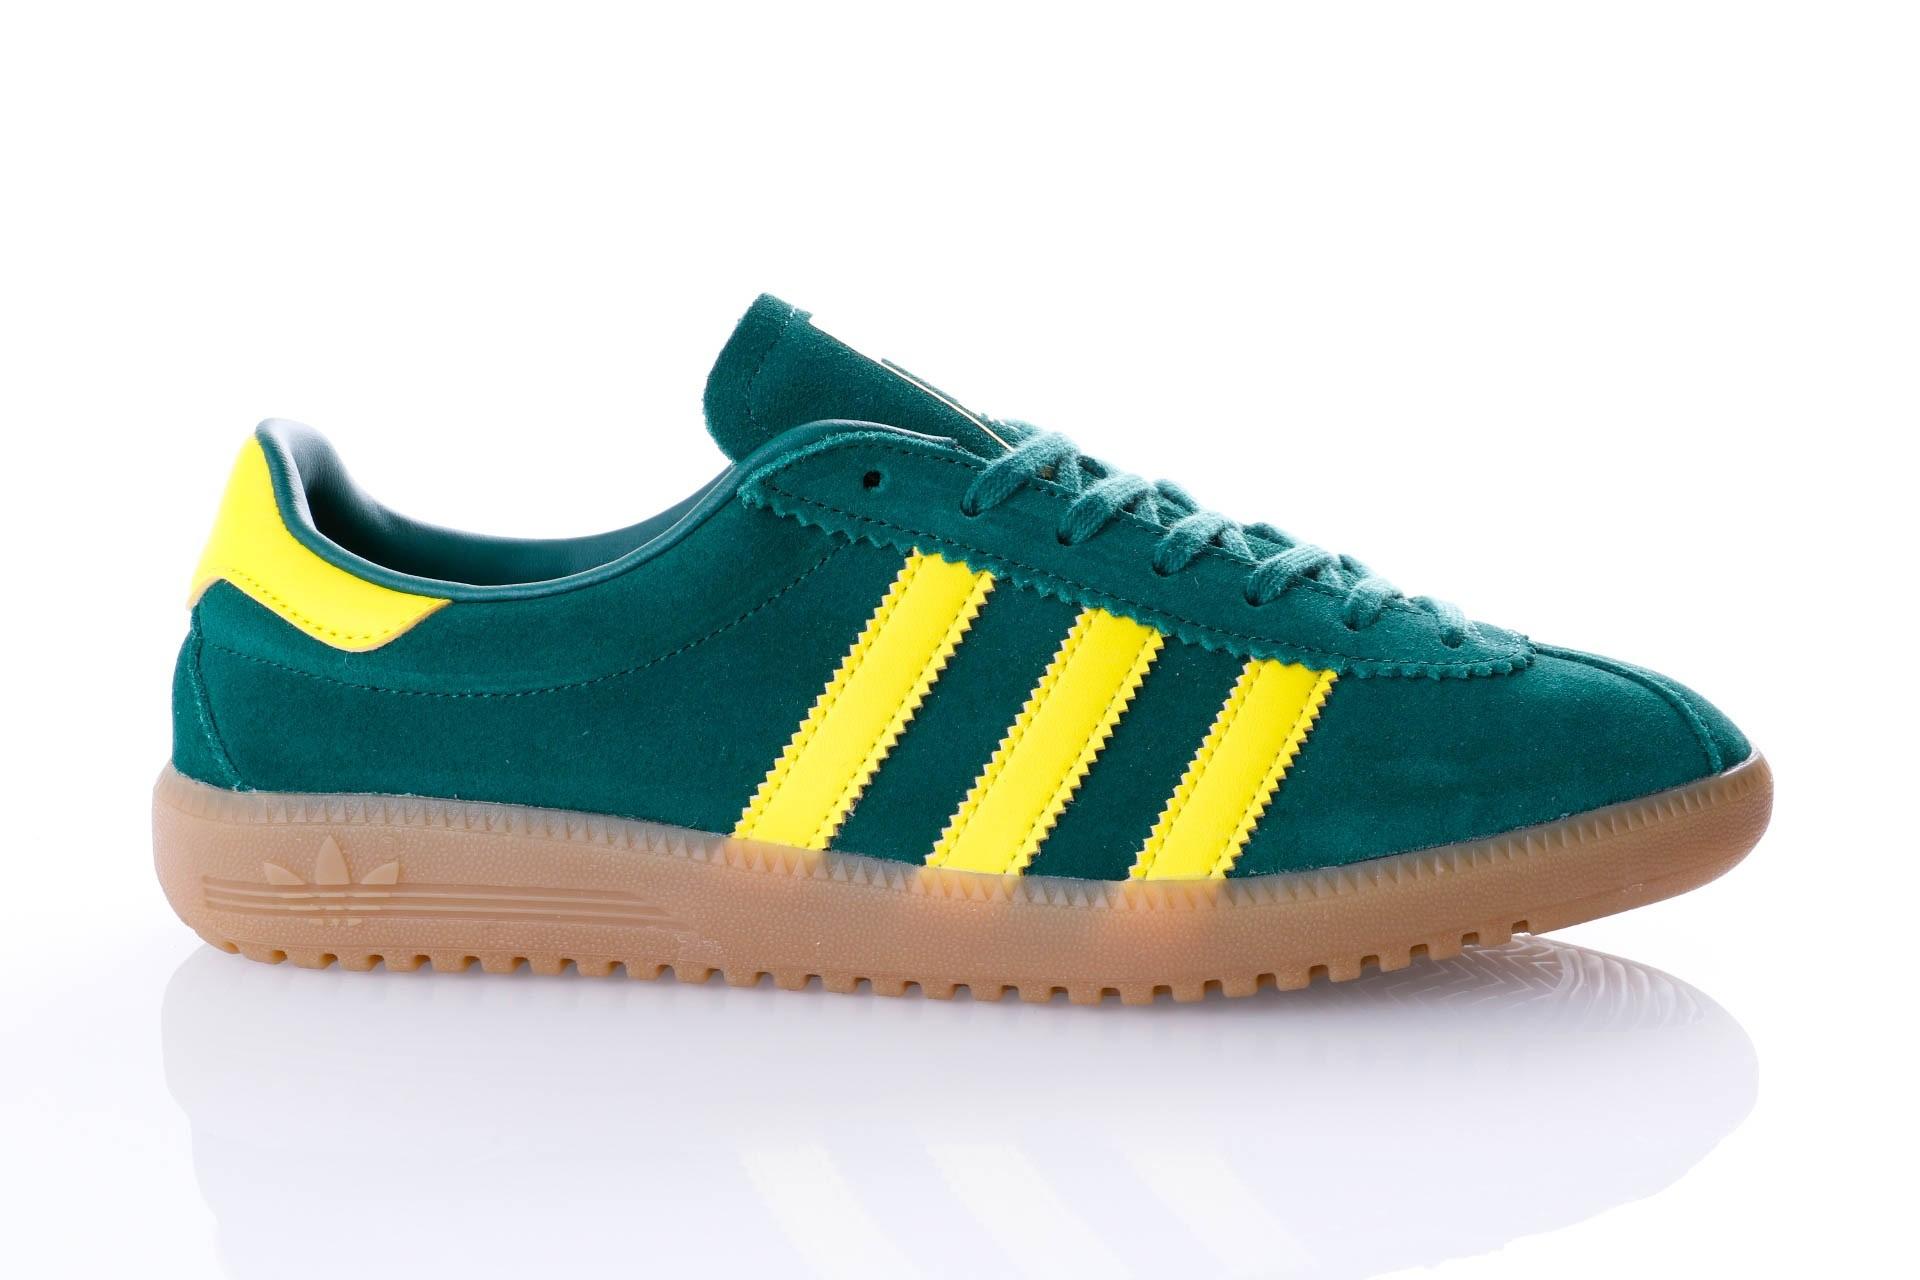 Foto van Adidas Bermuda B41472 Sneakers COLLEGIATE ROYAL/SIGNAL GREEN/GUM4